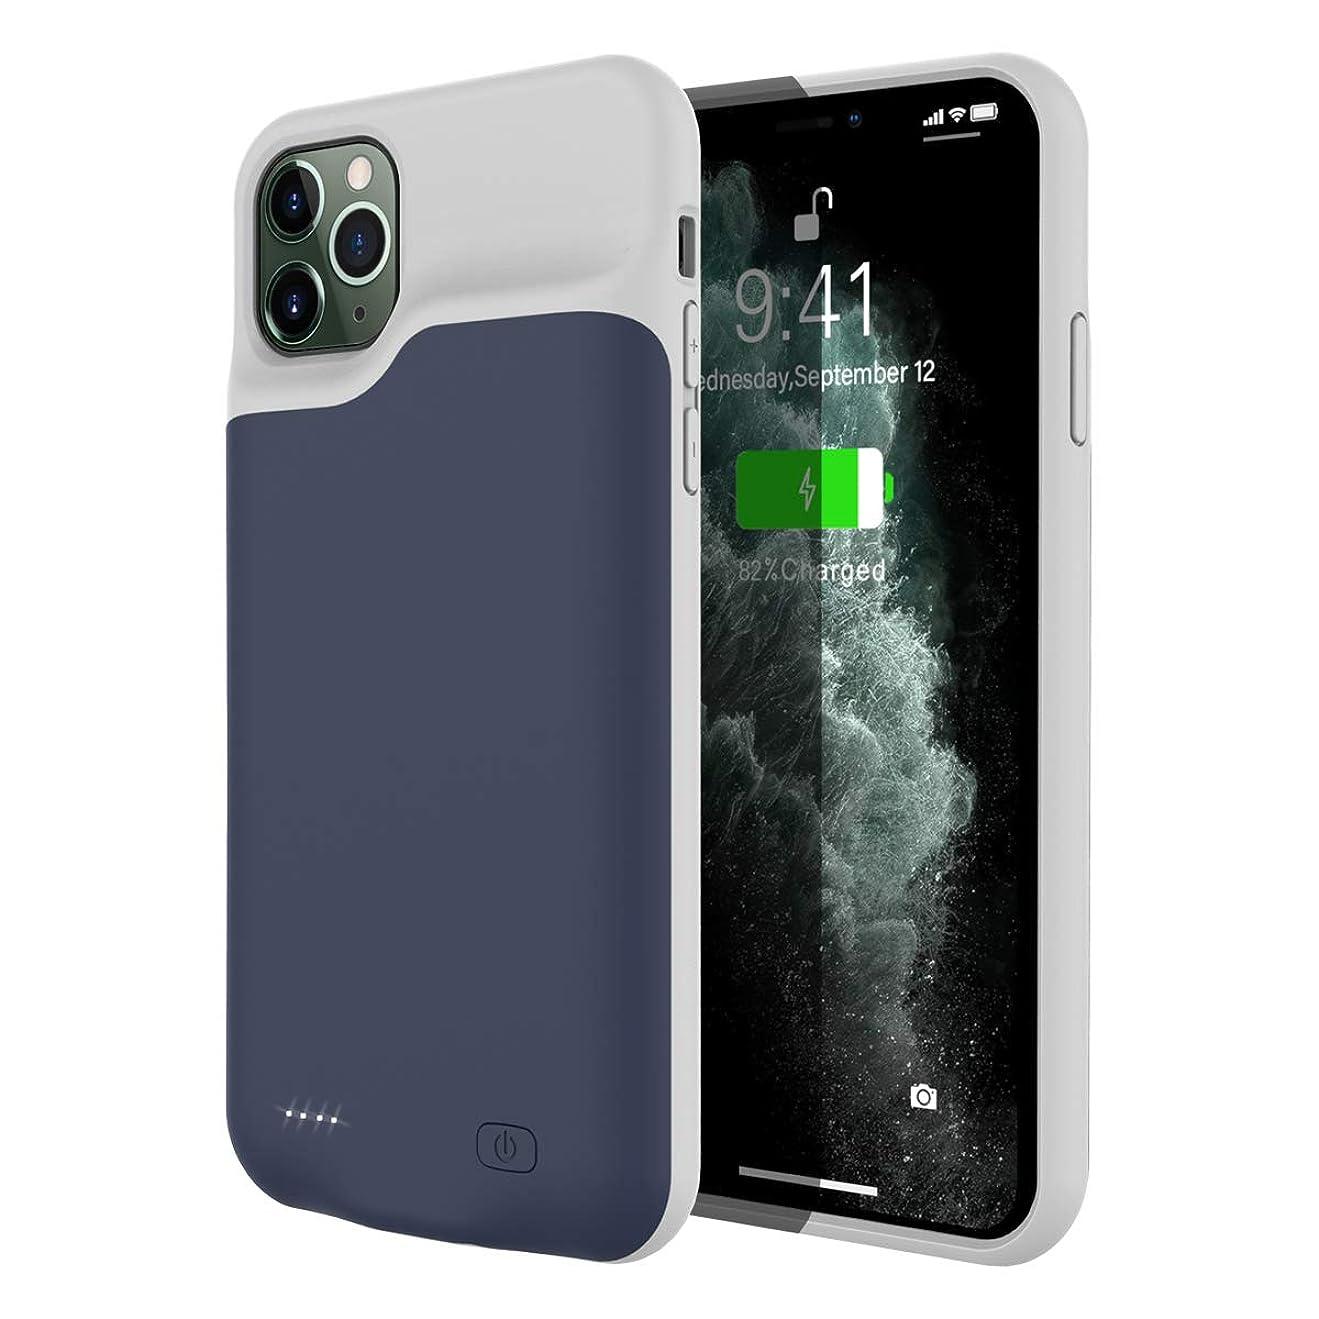 システム暗唱する管理しますWarebaバッテリー内蔵ケース 大容量 iPhone 11 Pro Max 6.5 Inch Battery専用 バッテリーケース 軽量 超薄 急速充電 超便利 耐衝撃 ケース型バッテリー 携帯充電器 モバイルバッテリー容量追加battery case